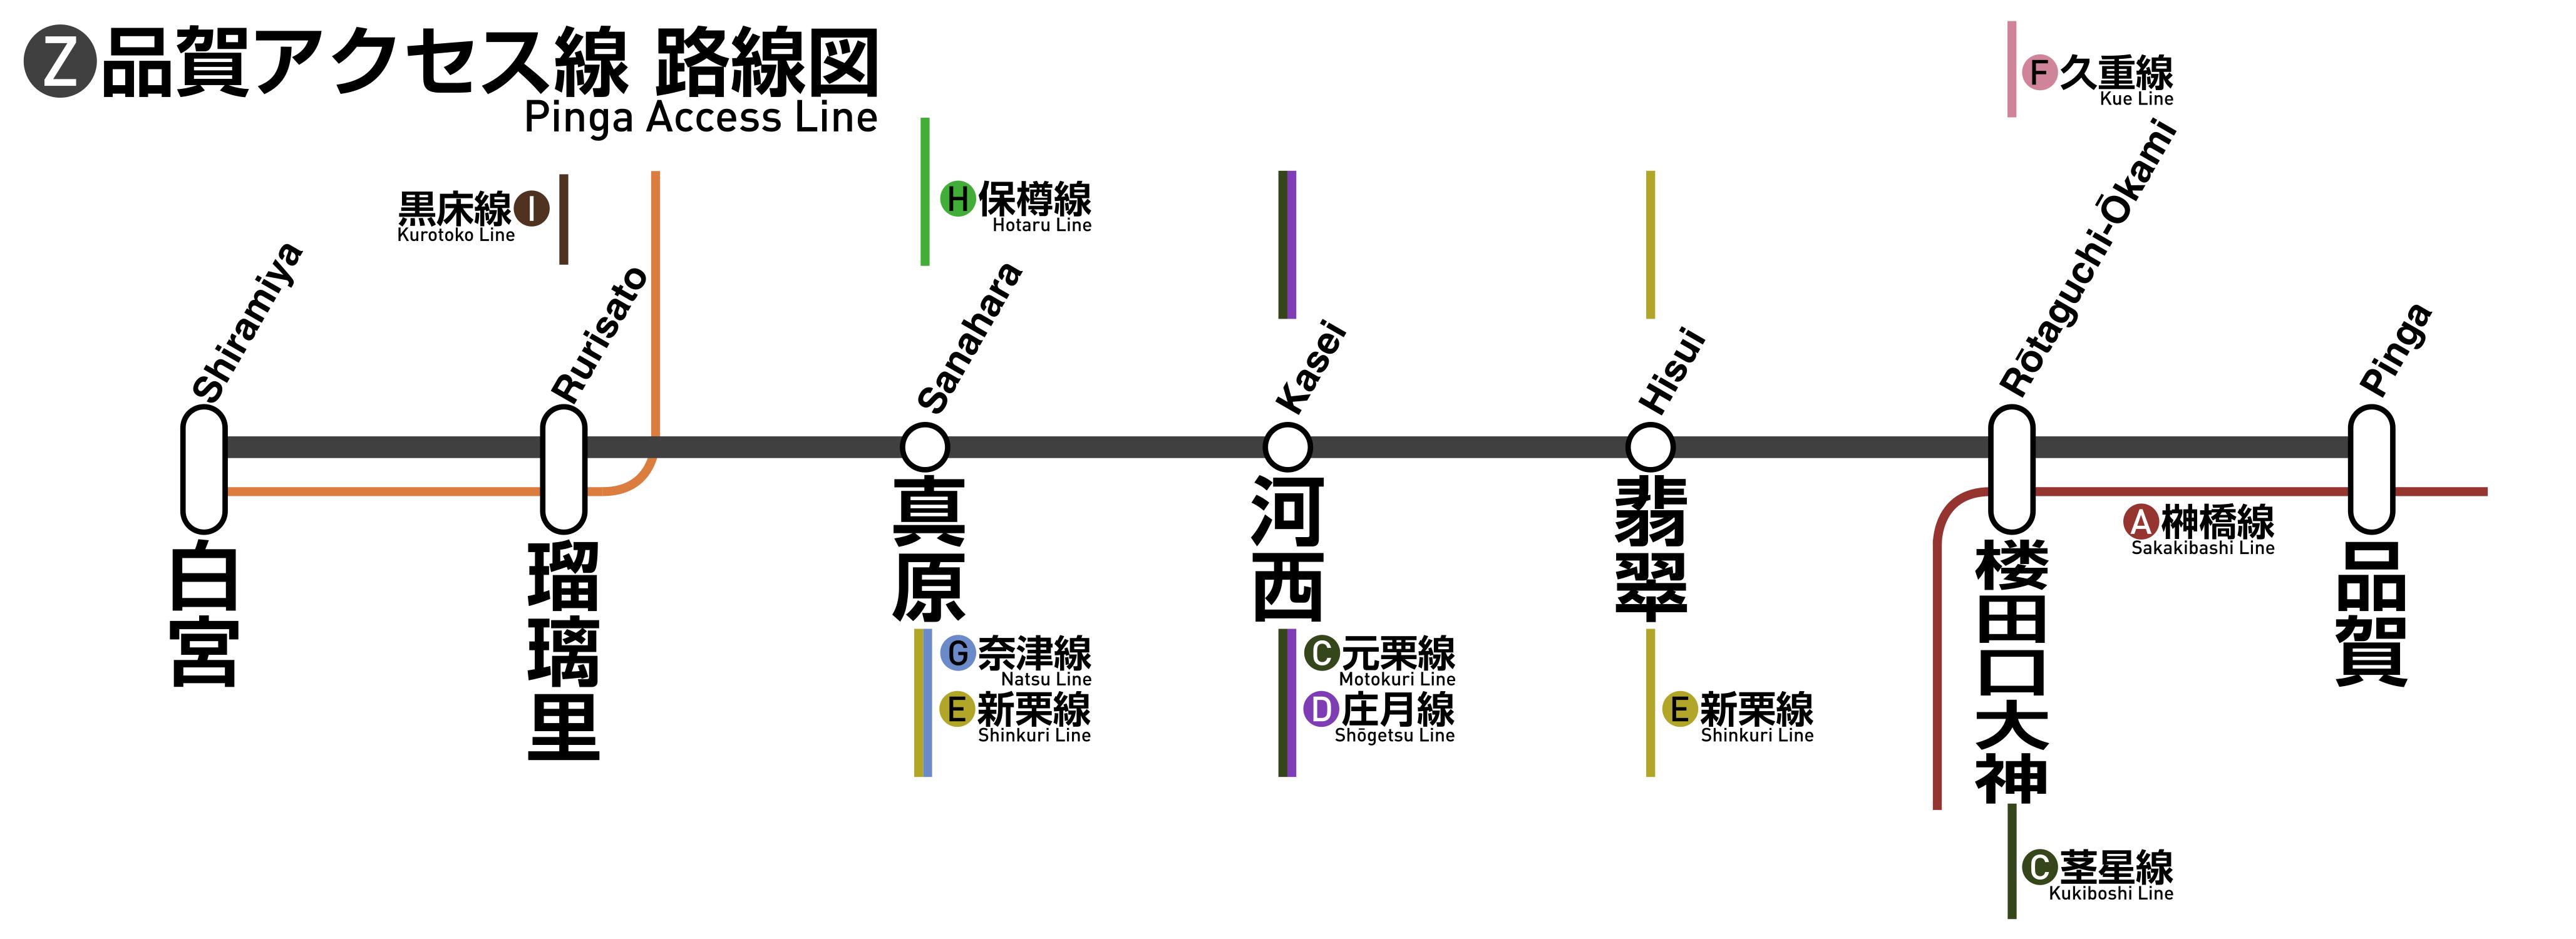 品賀アクセス線.png